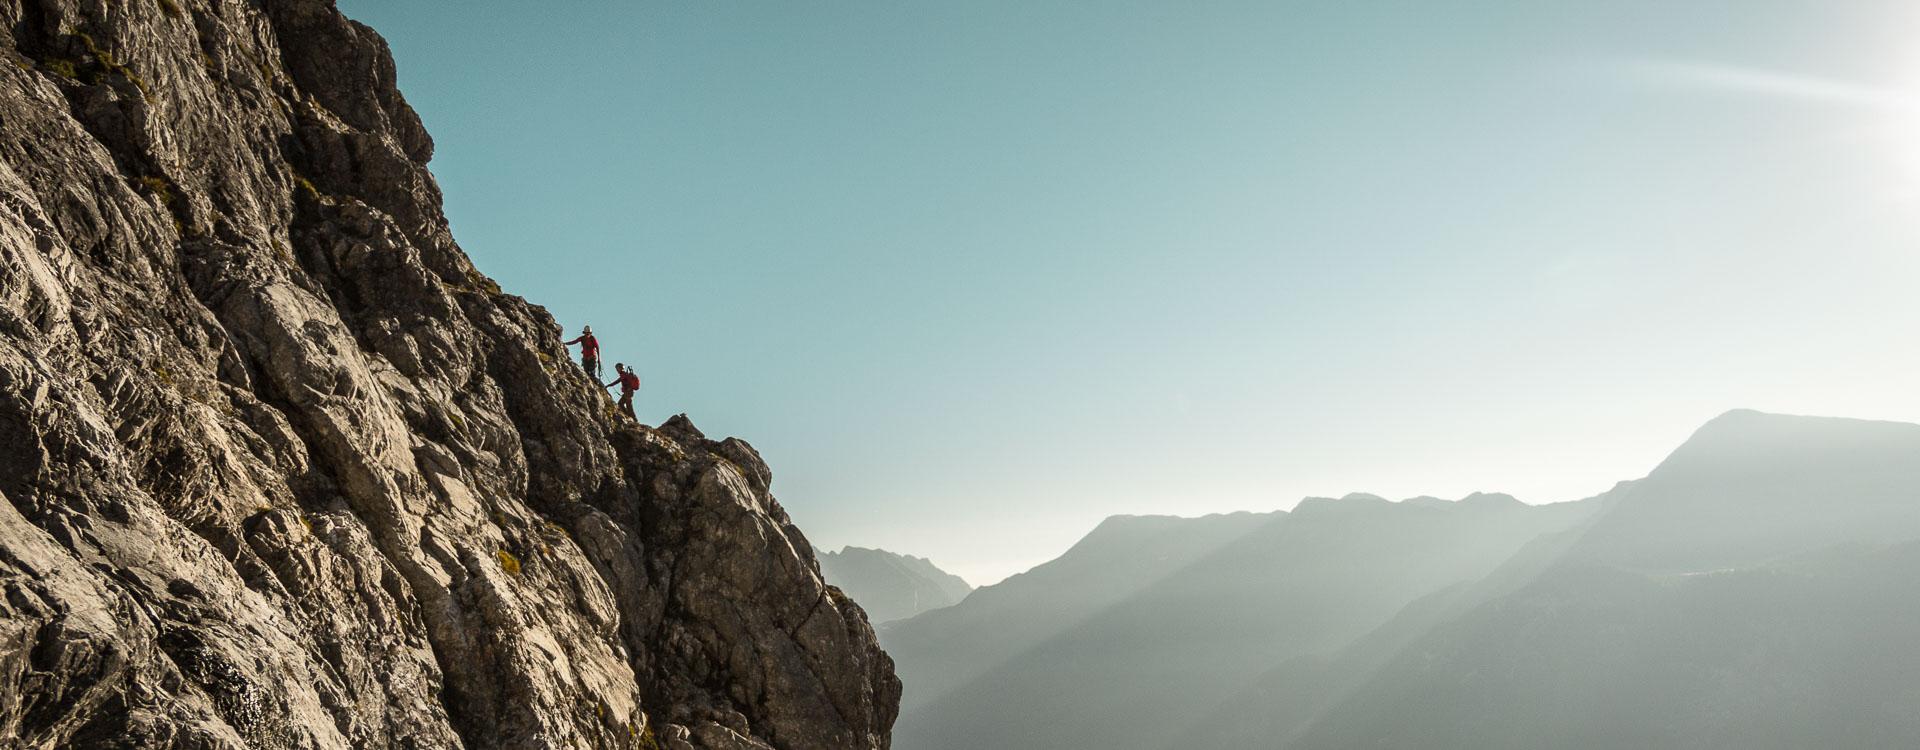 Watzmannostwand mit einheimischen Bergfuehrer